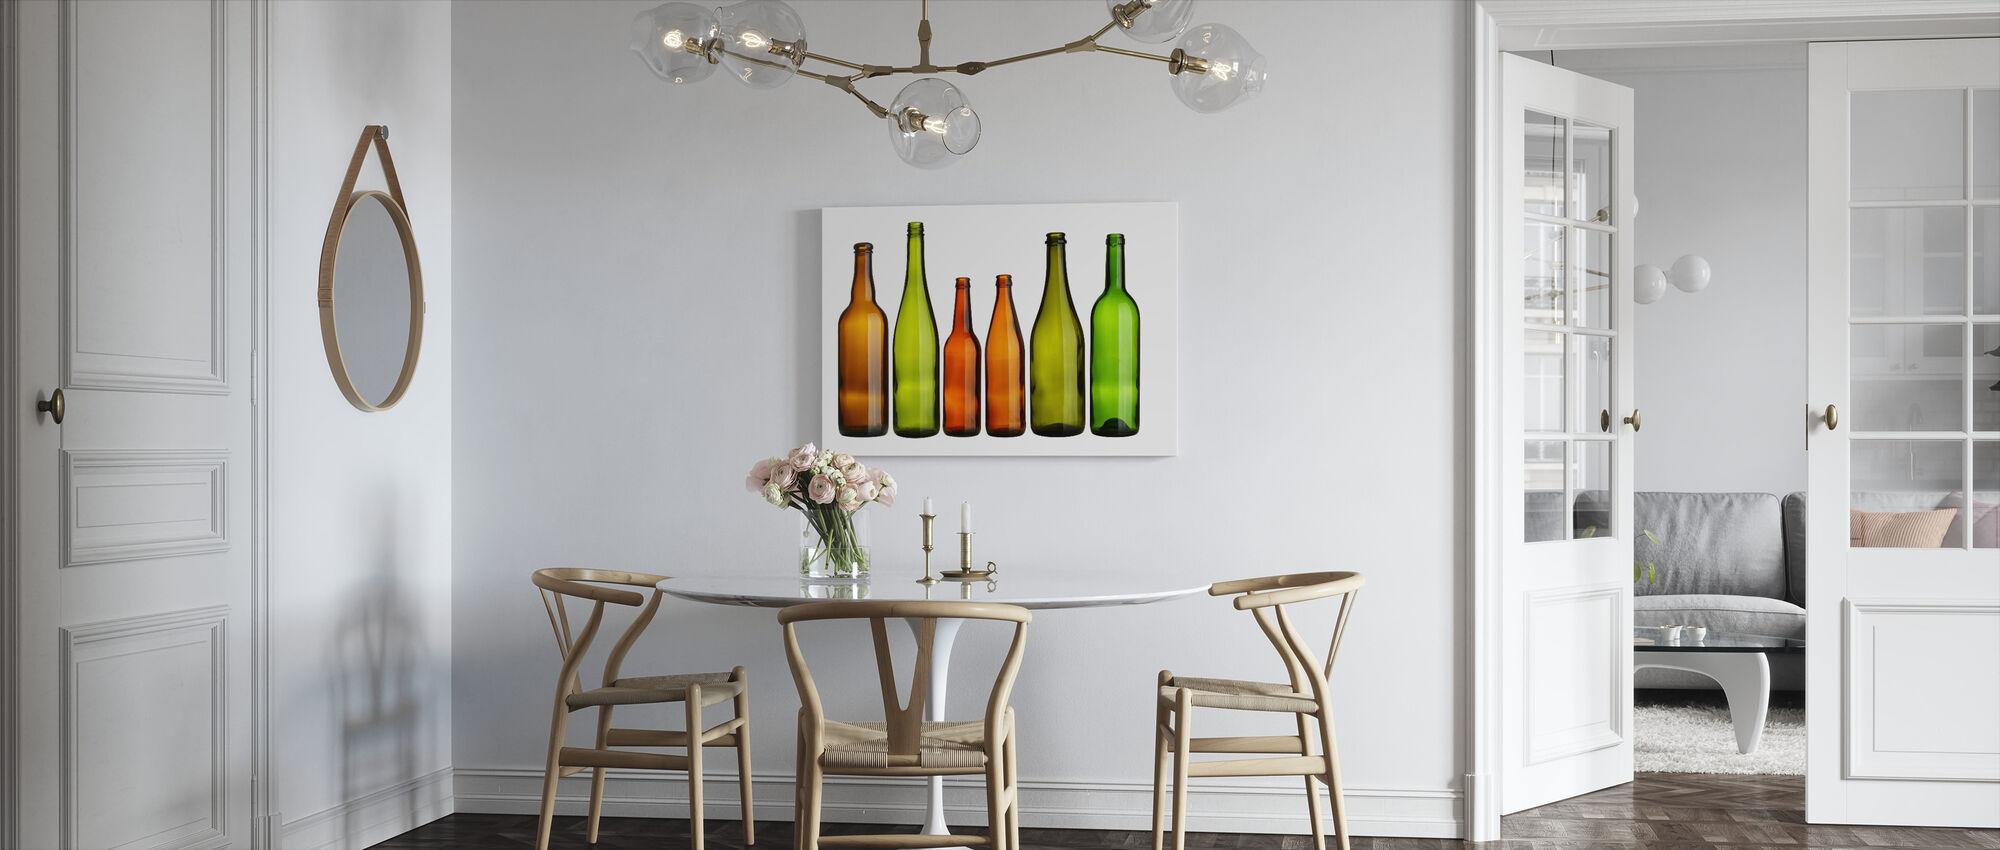 Bouteilles colorées - Impression sur toile - Cuisine